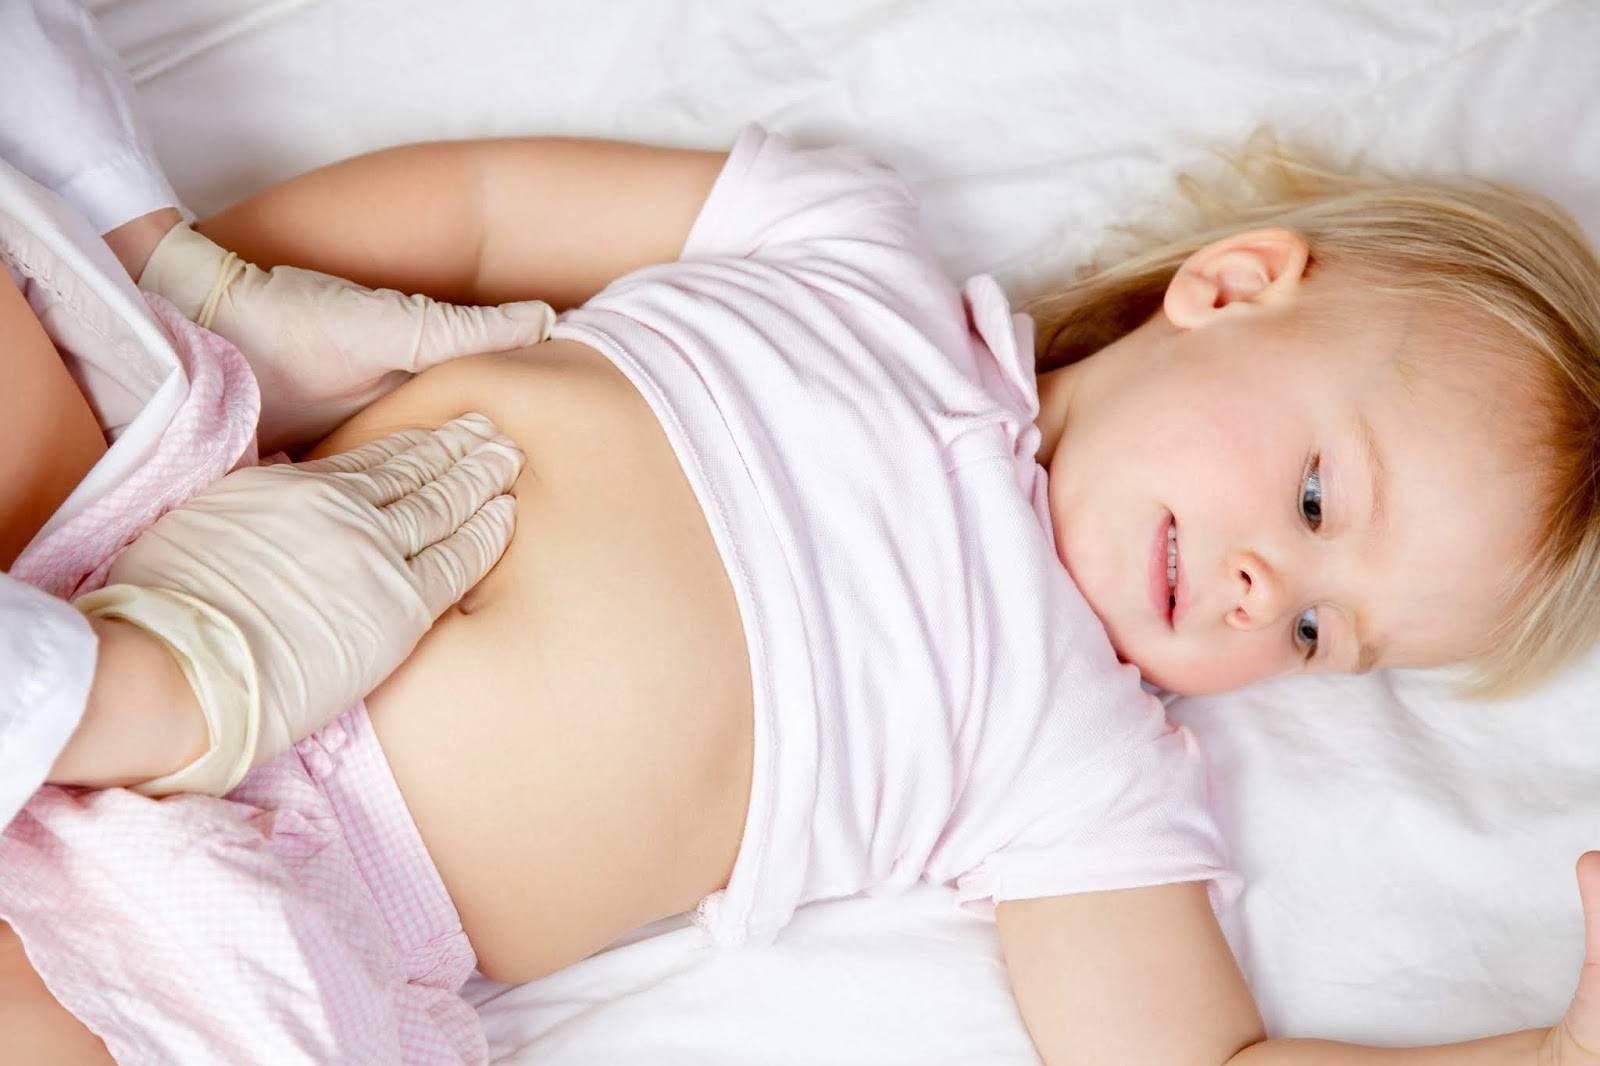 Симптомы и лечение энтероколита у детей